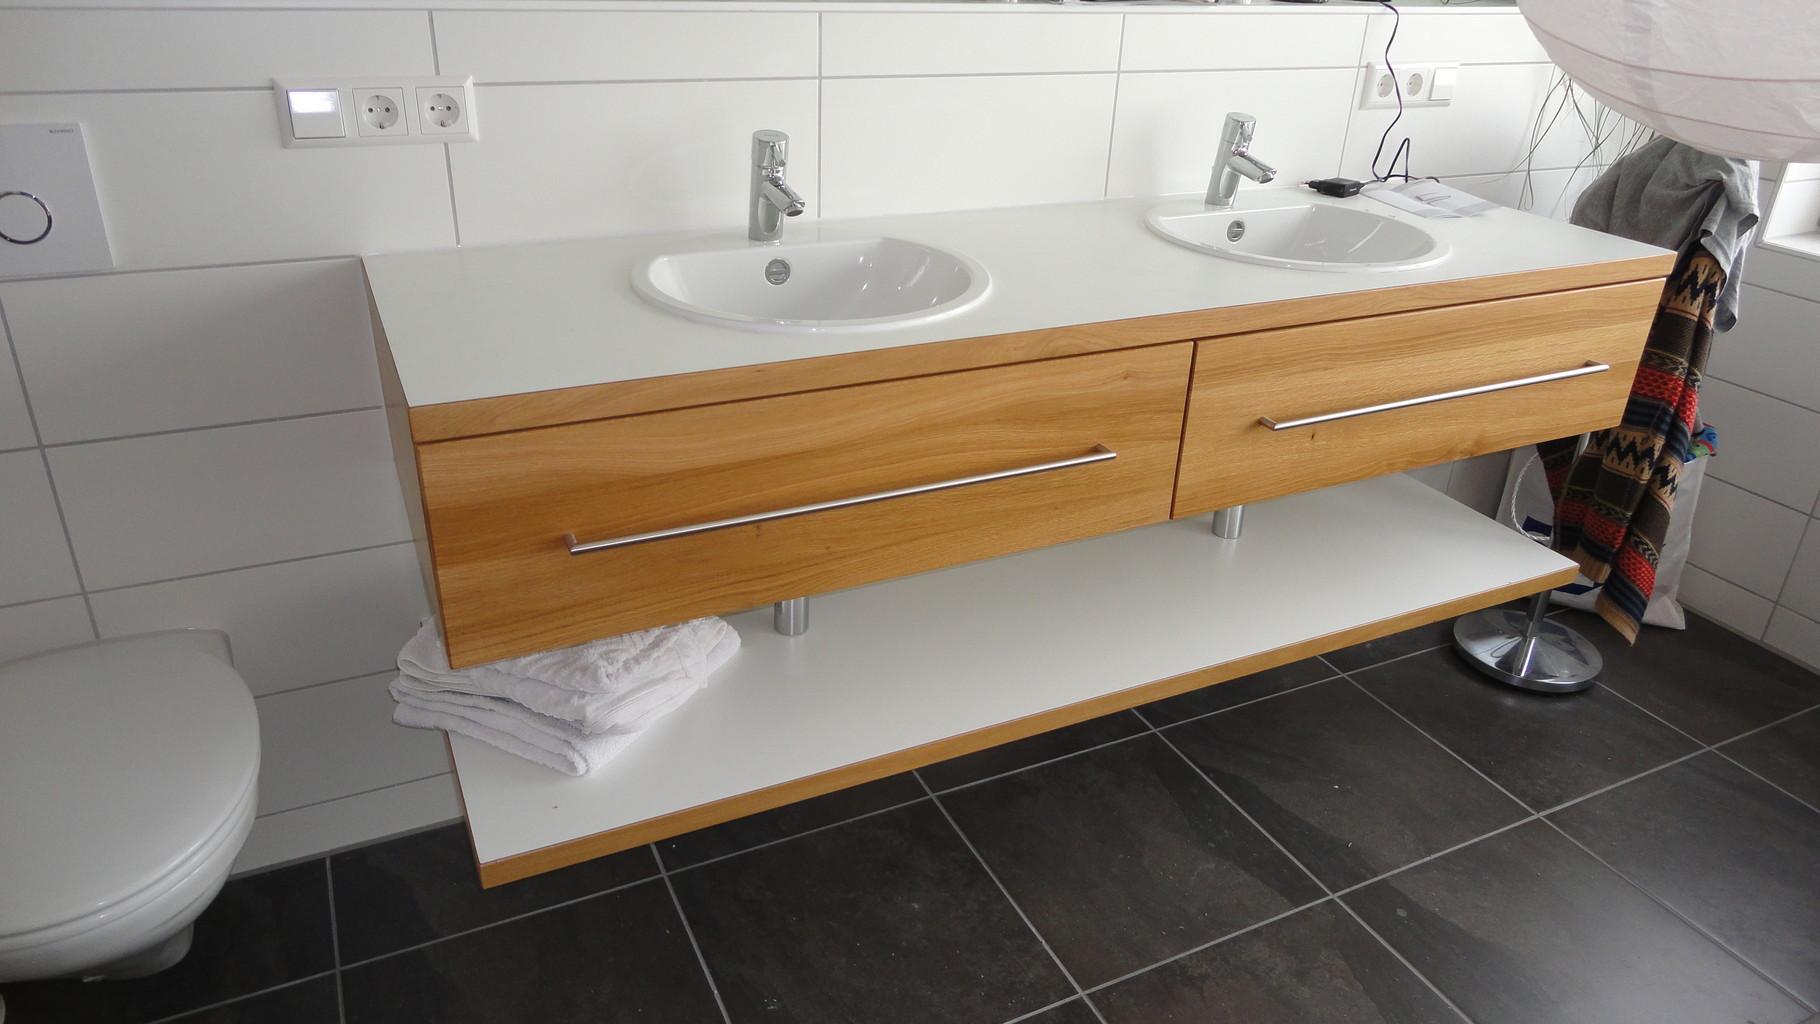 Waschtischplatte holz nach maß  Waschtischplatte Nach Maß: Badmöbel nach maß fresh furnitures.